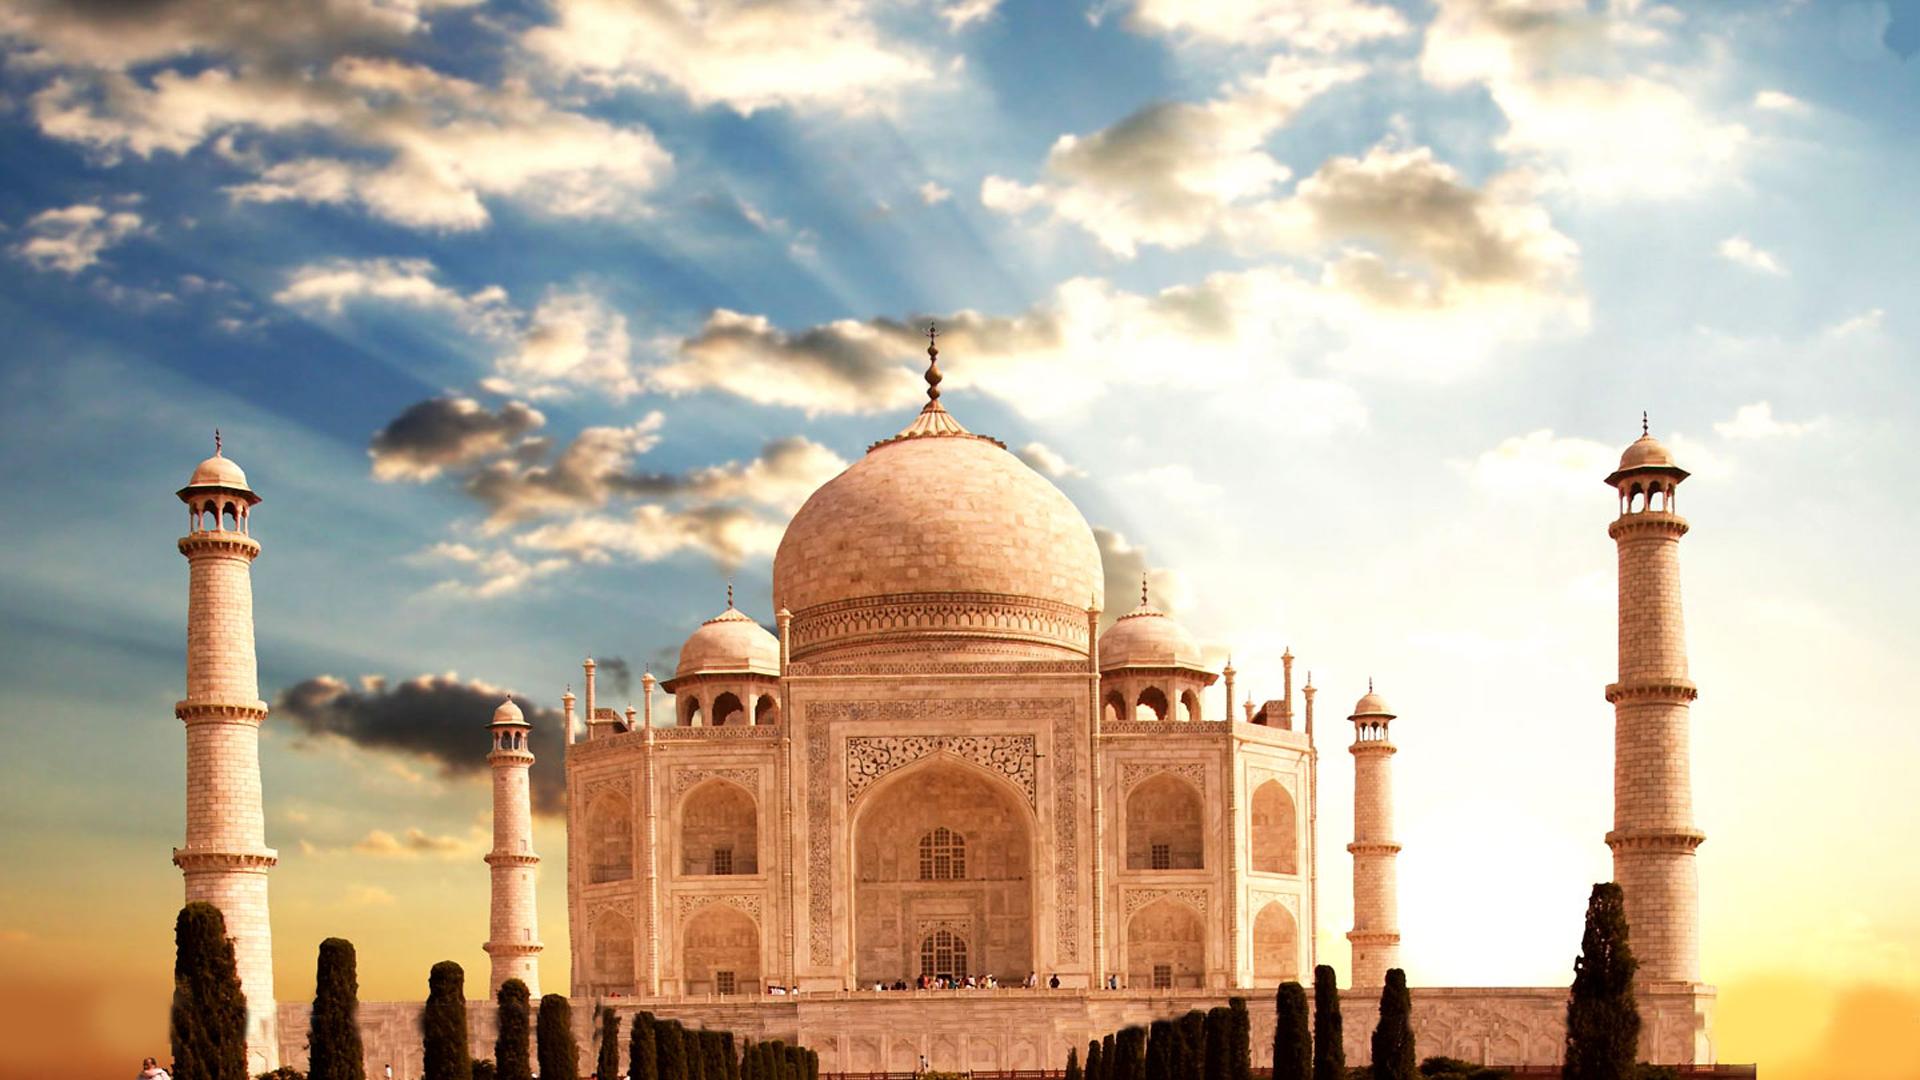 hd wallpaper of india - wallpapersafari